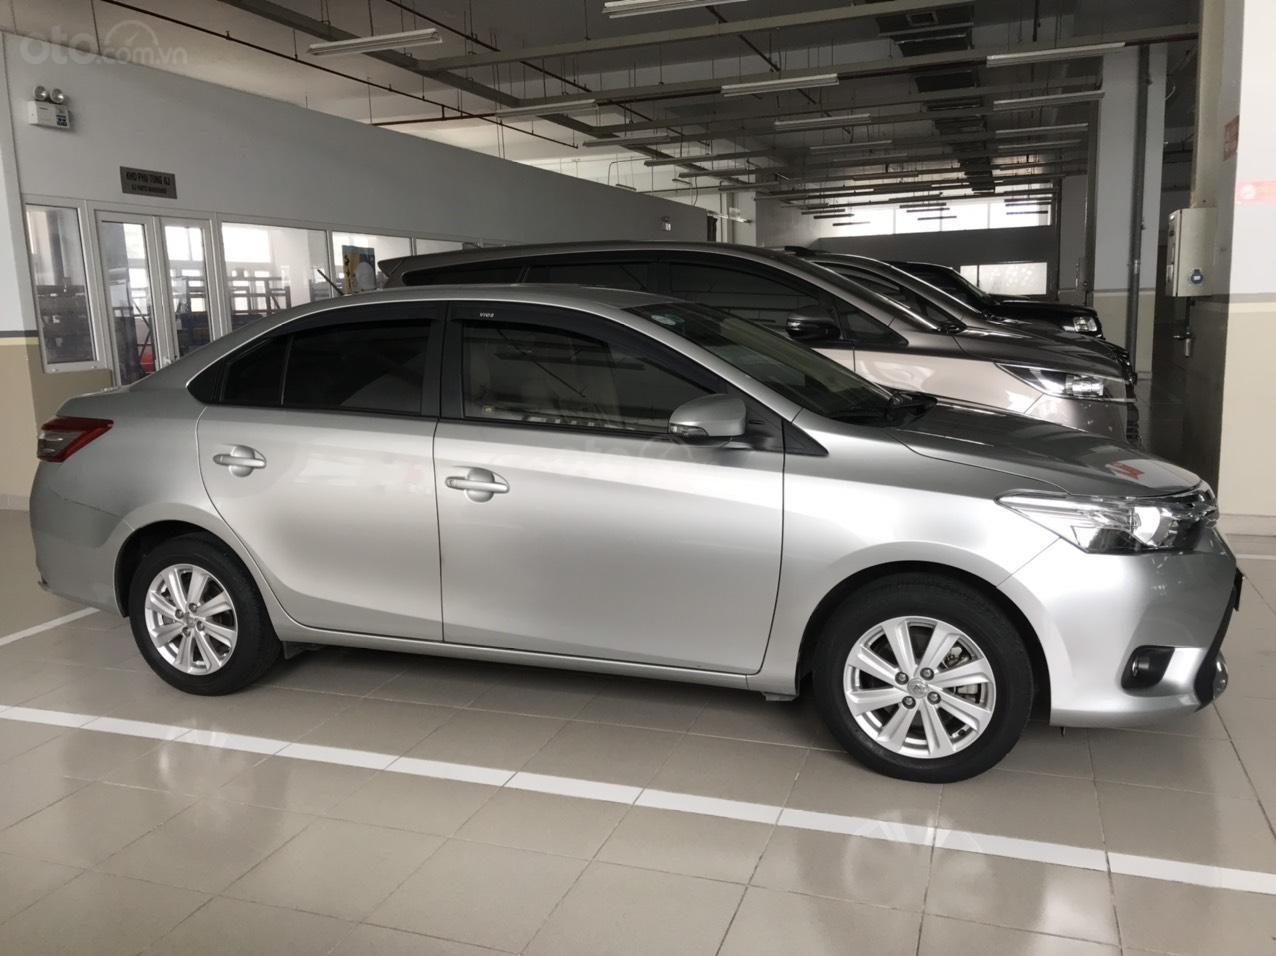 [Chính chủ] Bán Toyota Vios năm 2017, giá cực ưu đãi chỉ 450 triệu (6)